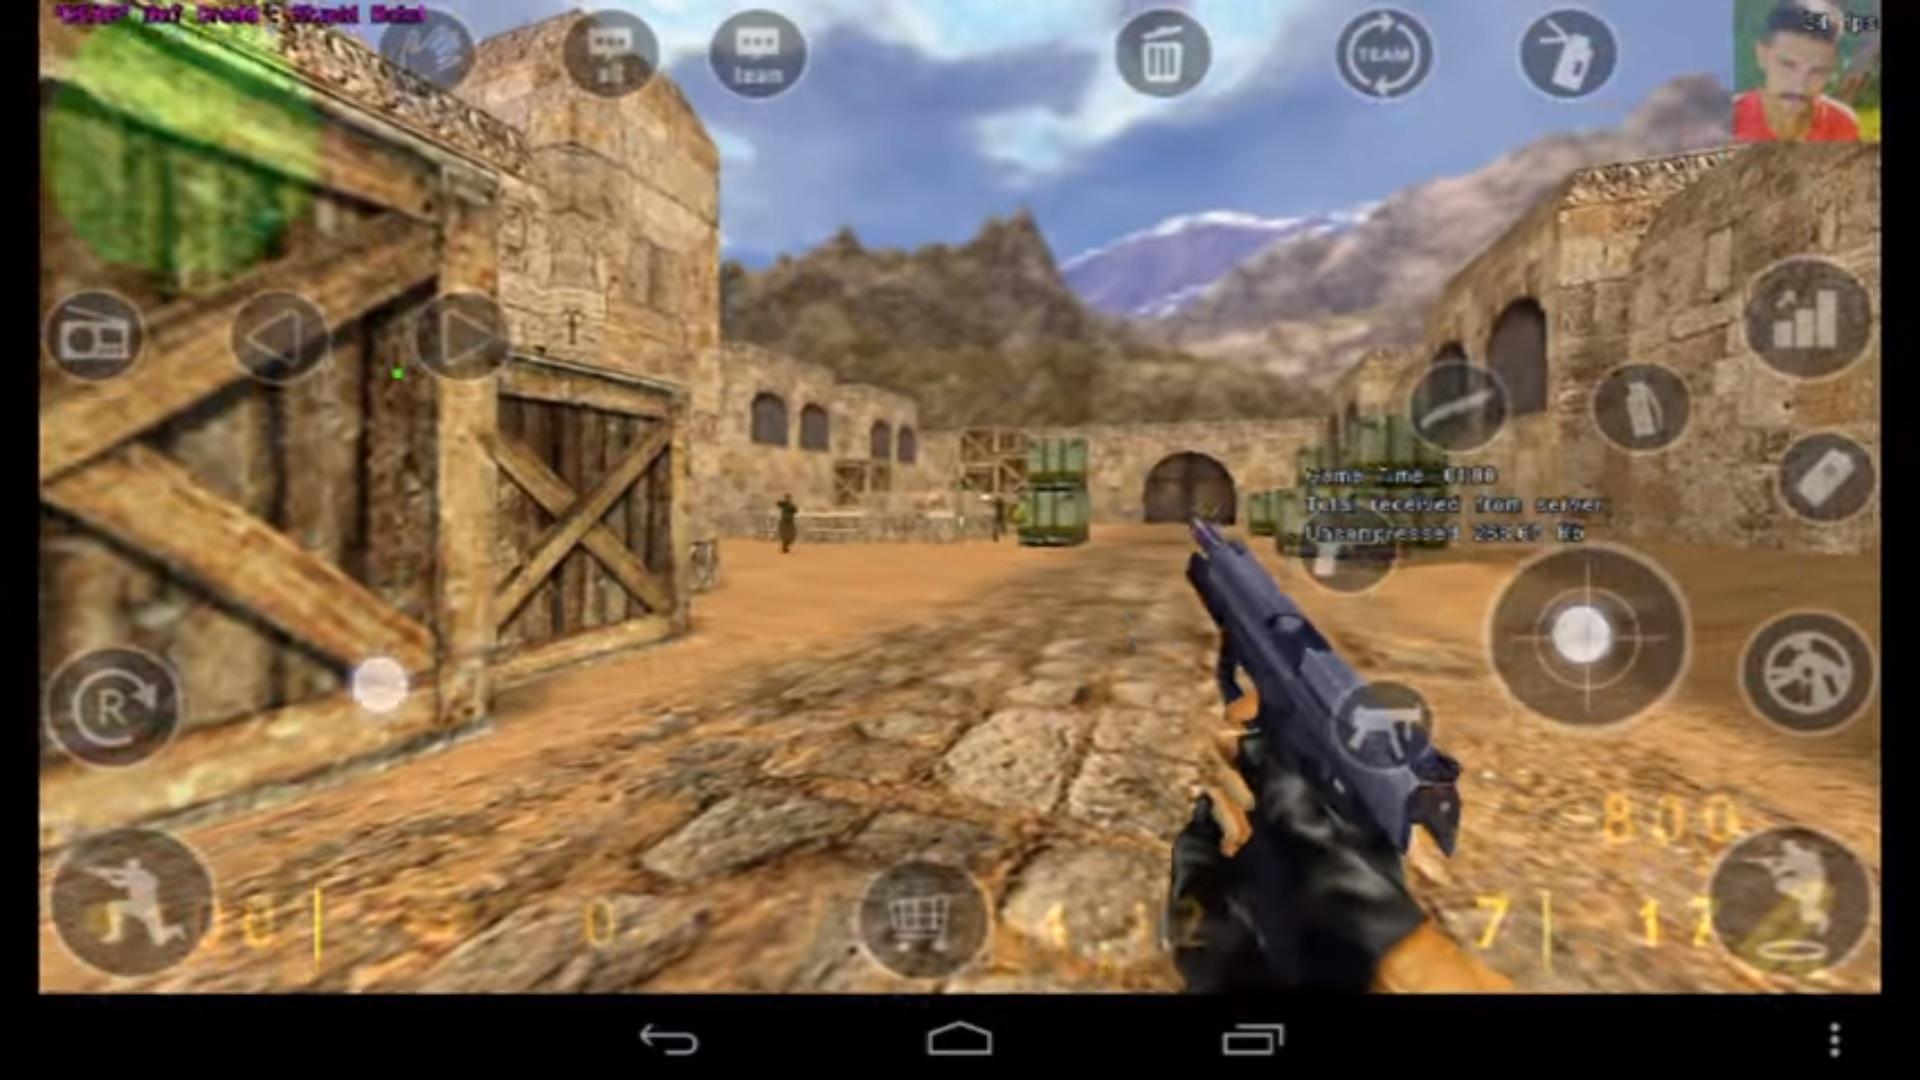 พร้อมจะลุยกันมานานแล้ว !! ชมคลิปเกม Counter-Strike รันบนแท็บเล็ต Android จะเวิร์คมั้ย มาดูกัน